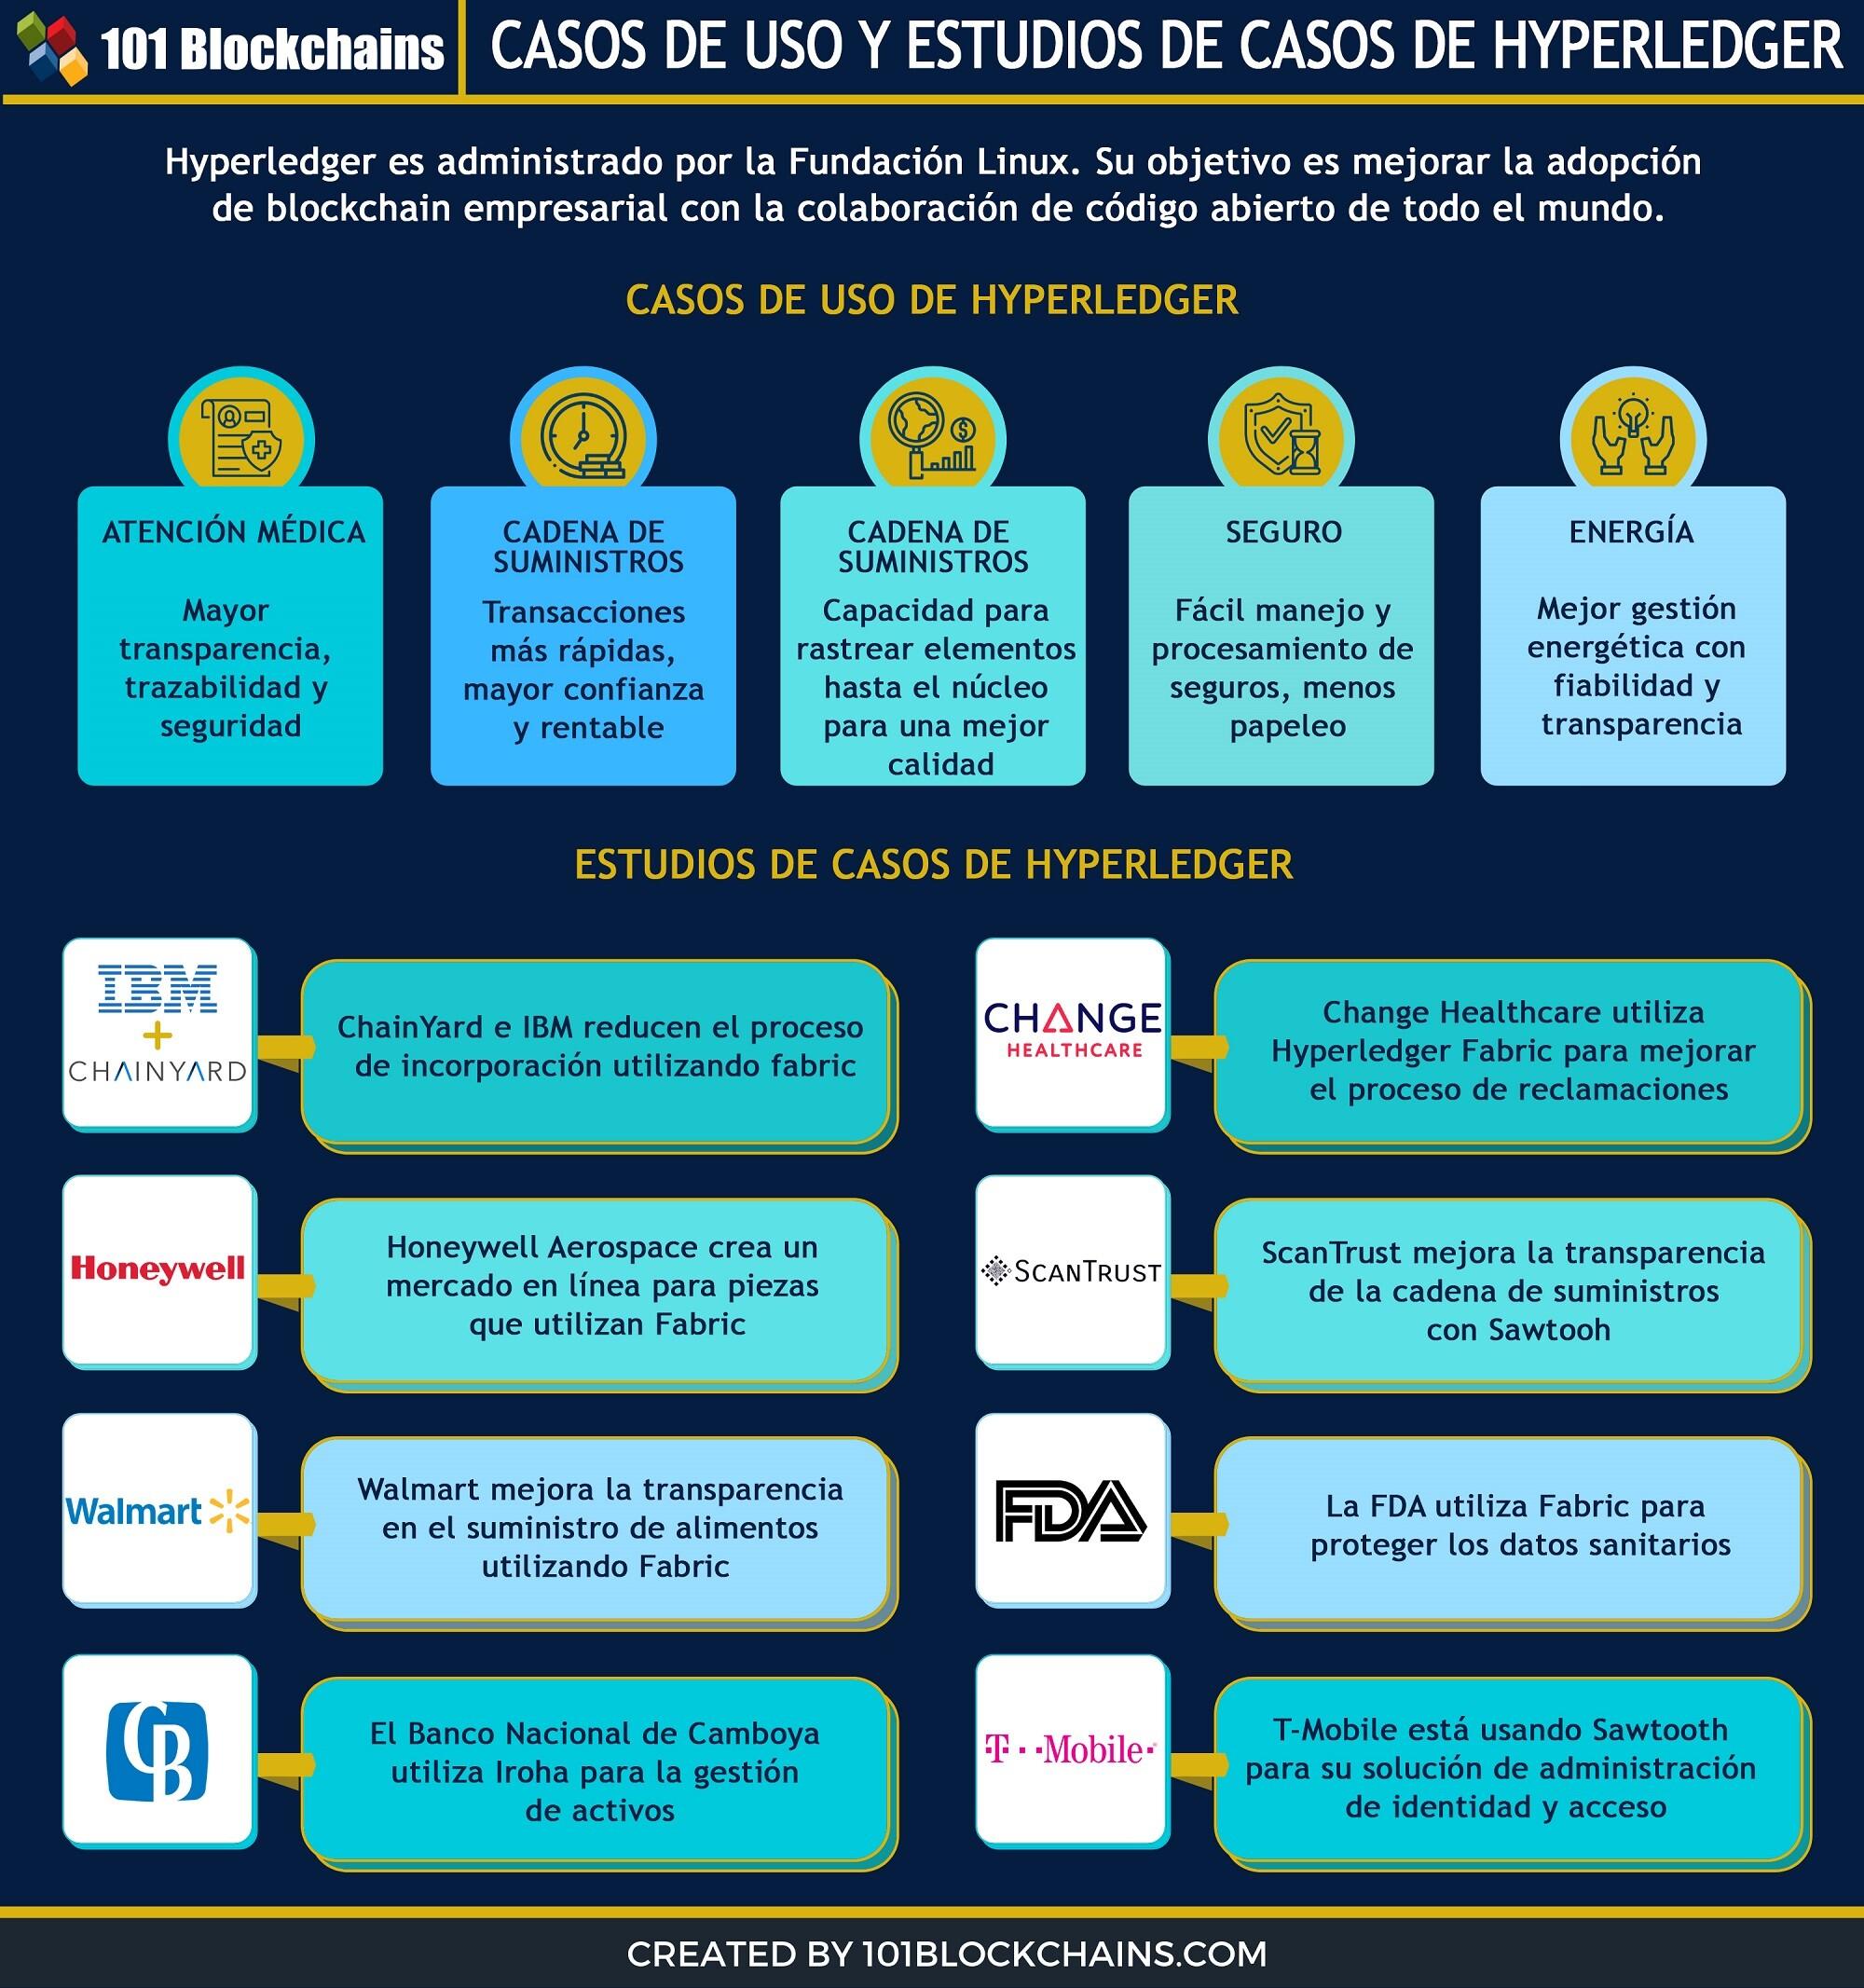 CASOS DE USO Y ESTUDIOS DE CASOS DE HYPERLEDGER